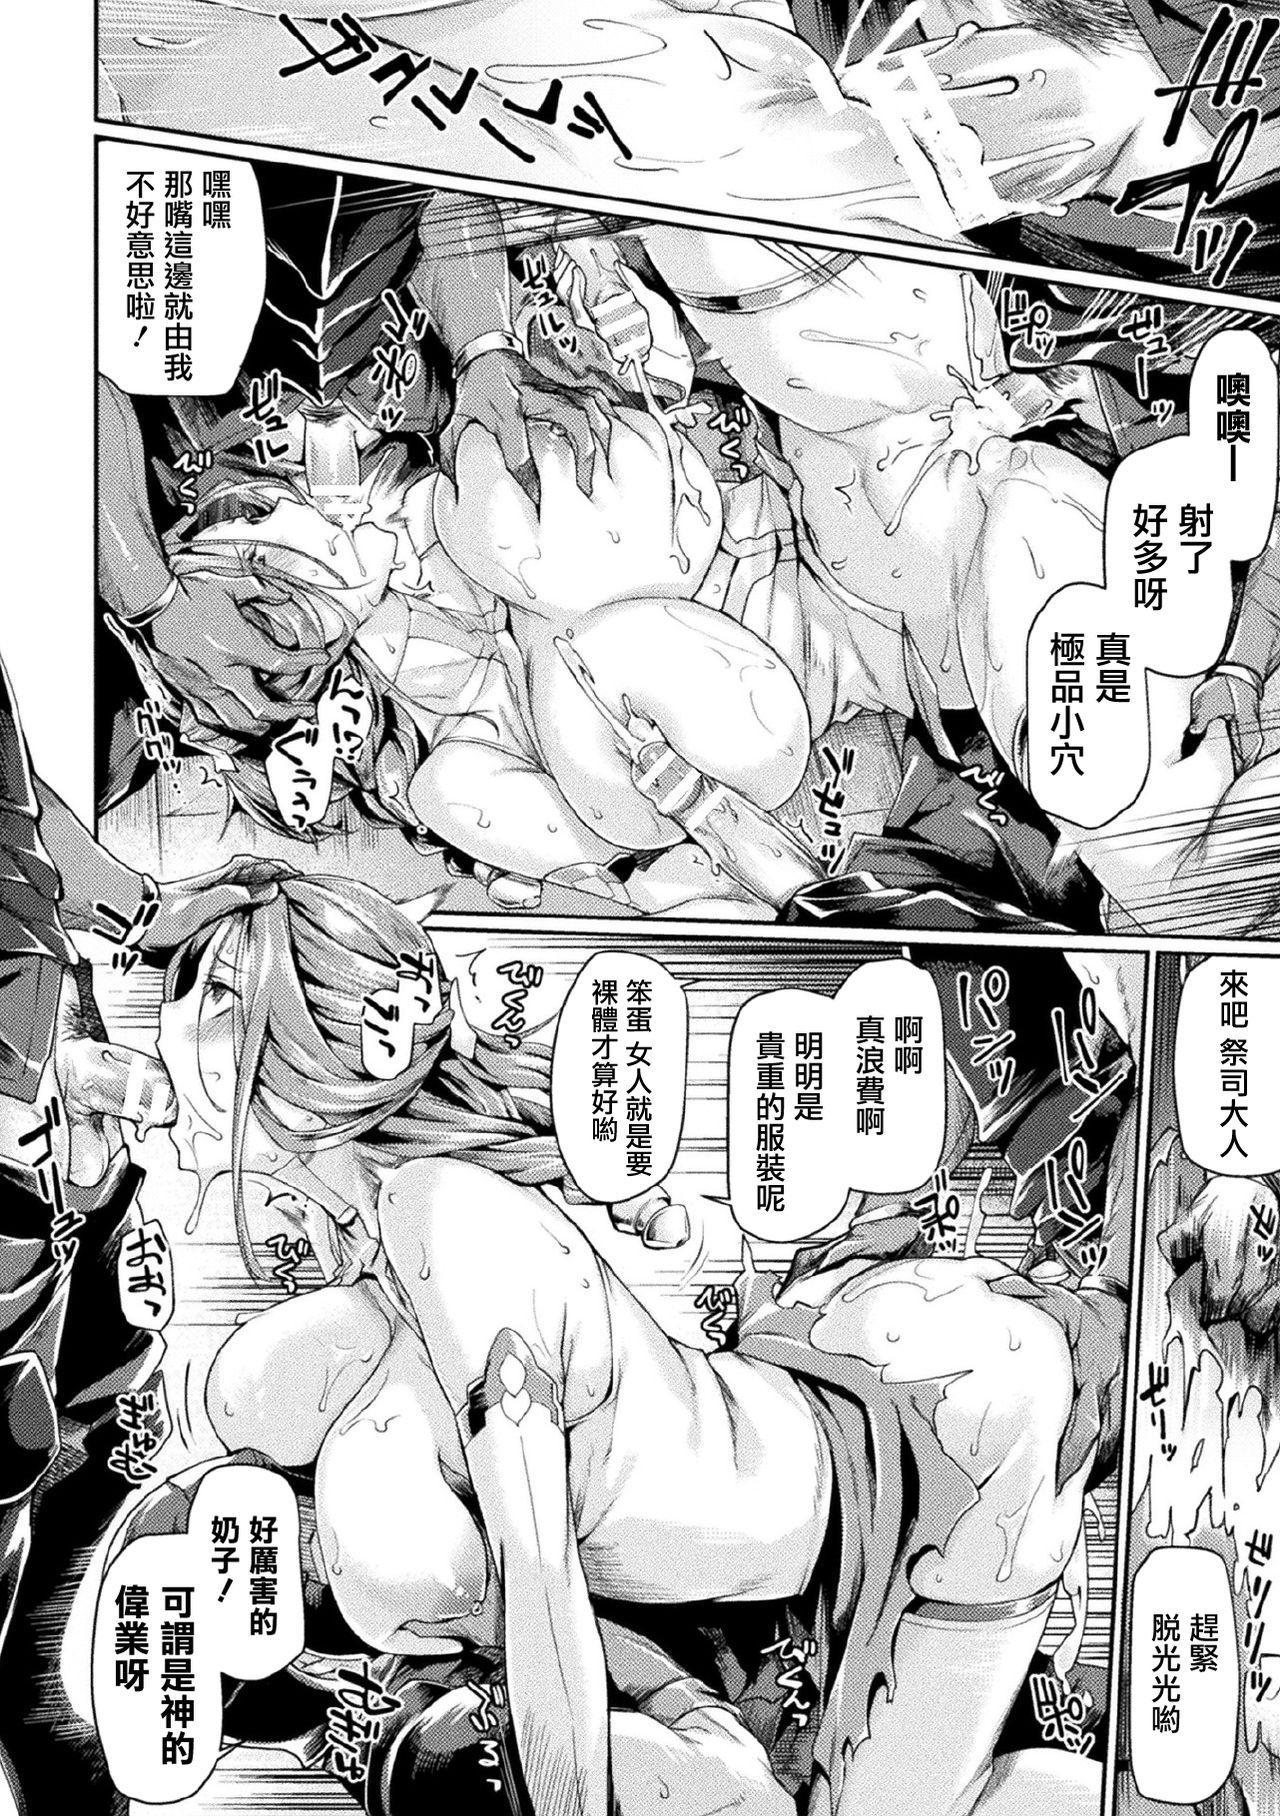 [Tsukitokage] Kuroinu II ~Inyoku ni Somaru Haitoku no Miyako, Futatabi~ THE COMIC Ch. 2 (Haiboku Otome Ecstasy Vol. 21) [Chinese] [鬼畜王漢化組] [Digital] 10